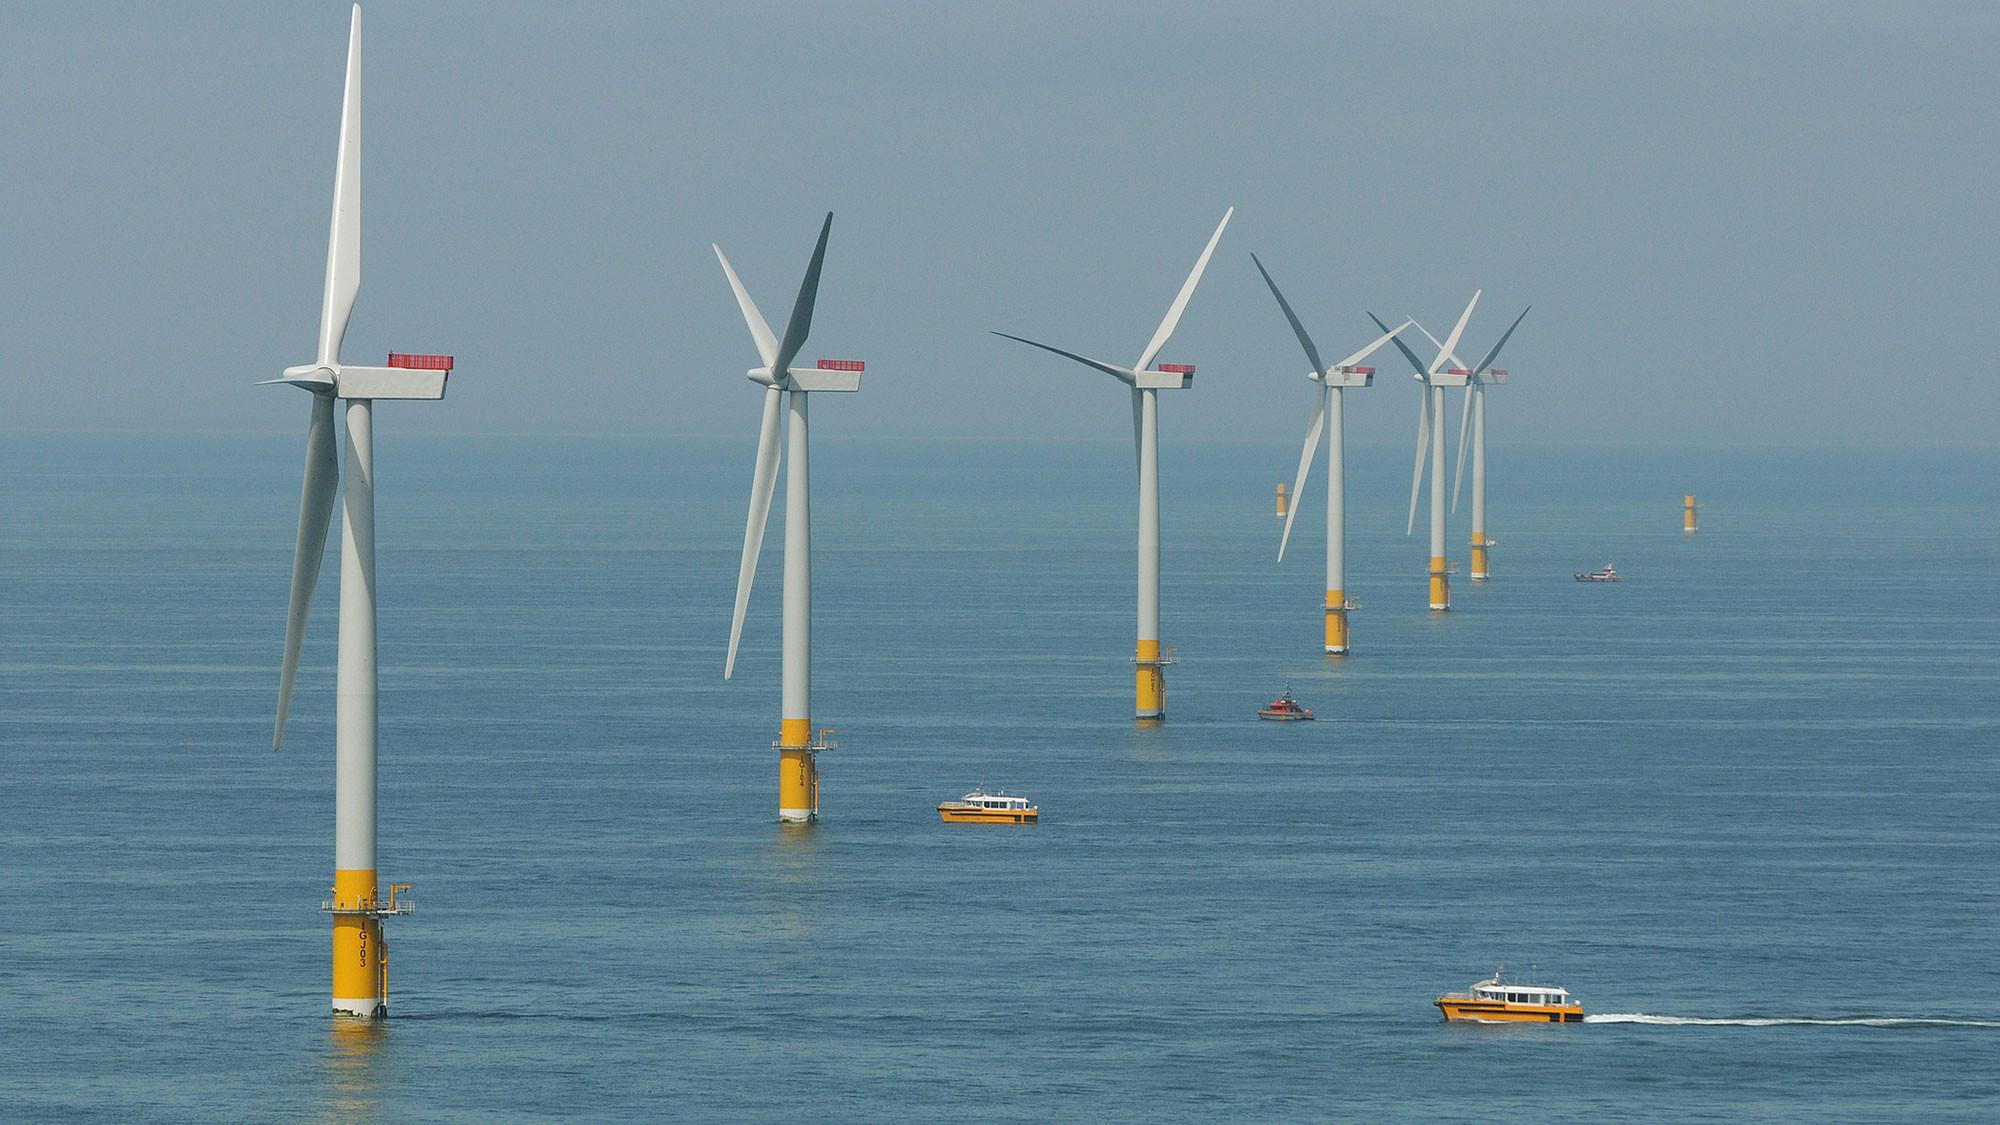 ветрогенератор в поле или океане фото эркерный